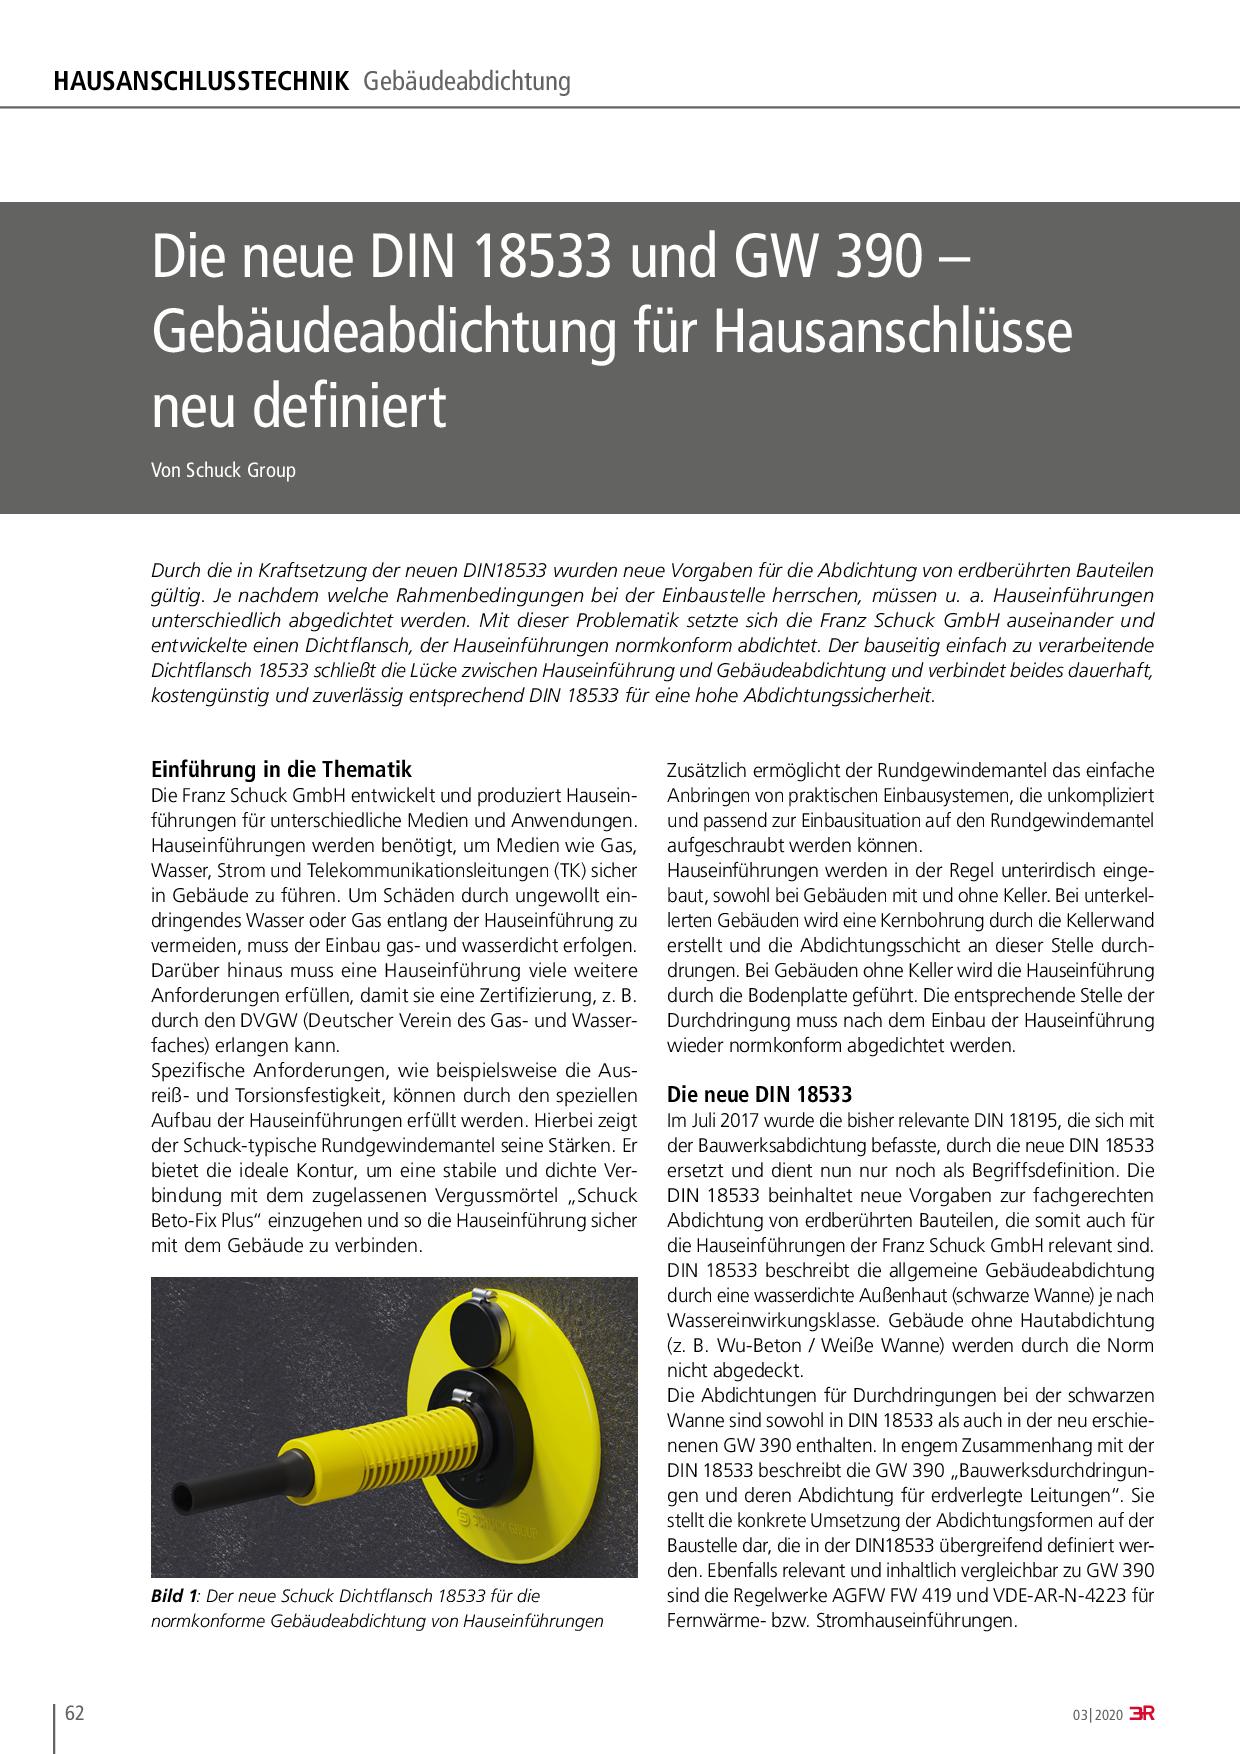 Die neue DIN 18533 und GW 390 – Gebäudeabdichtung für Hausanschlüsse neu definiert